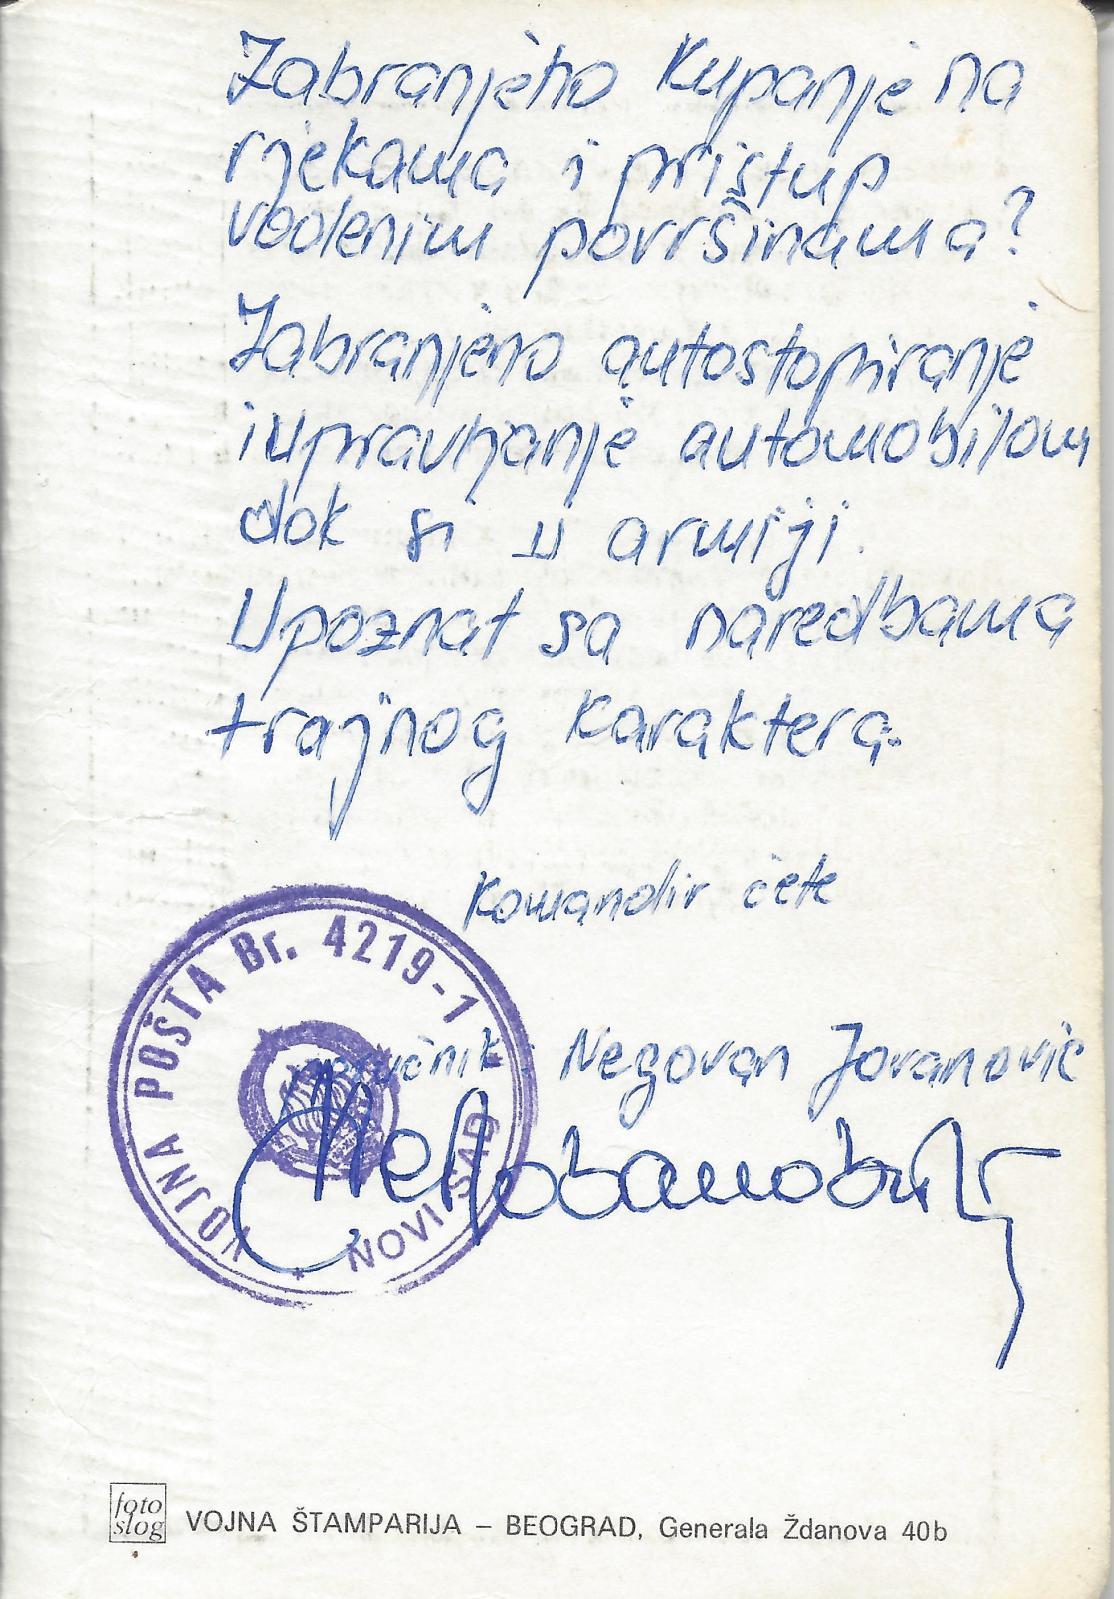 Novi Sad Dunavac VP1756 i 4219-1 1989/90 2mdq97a